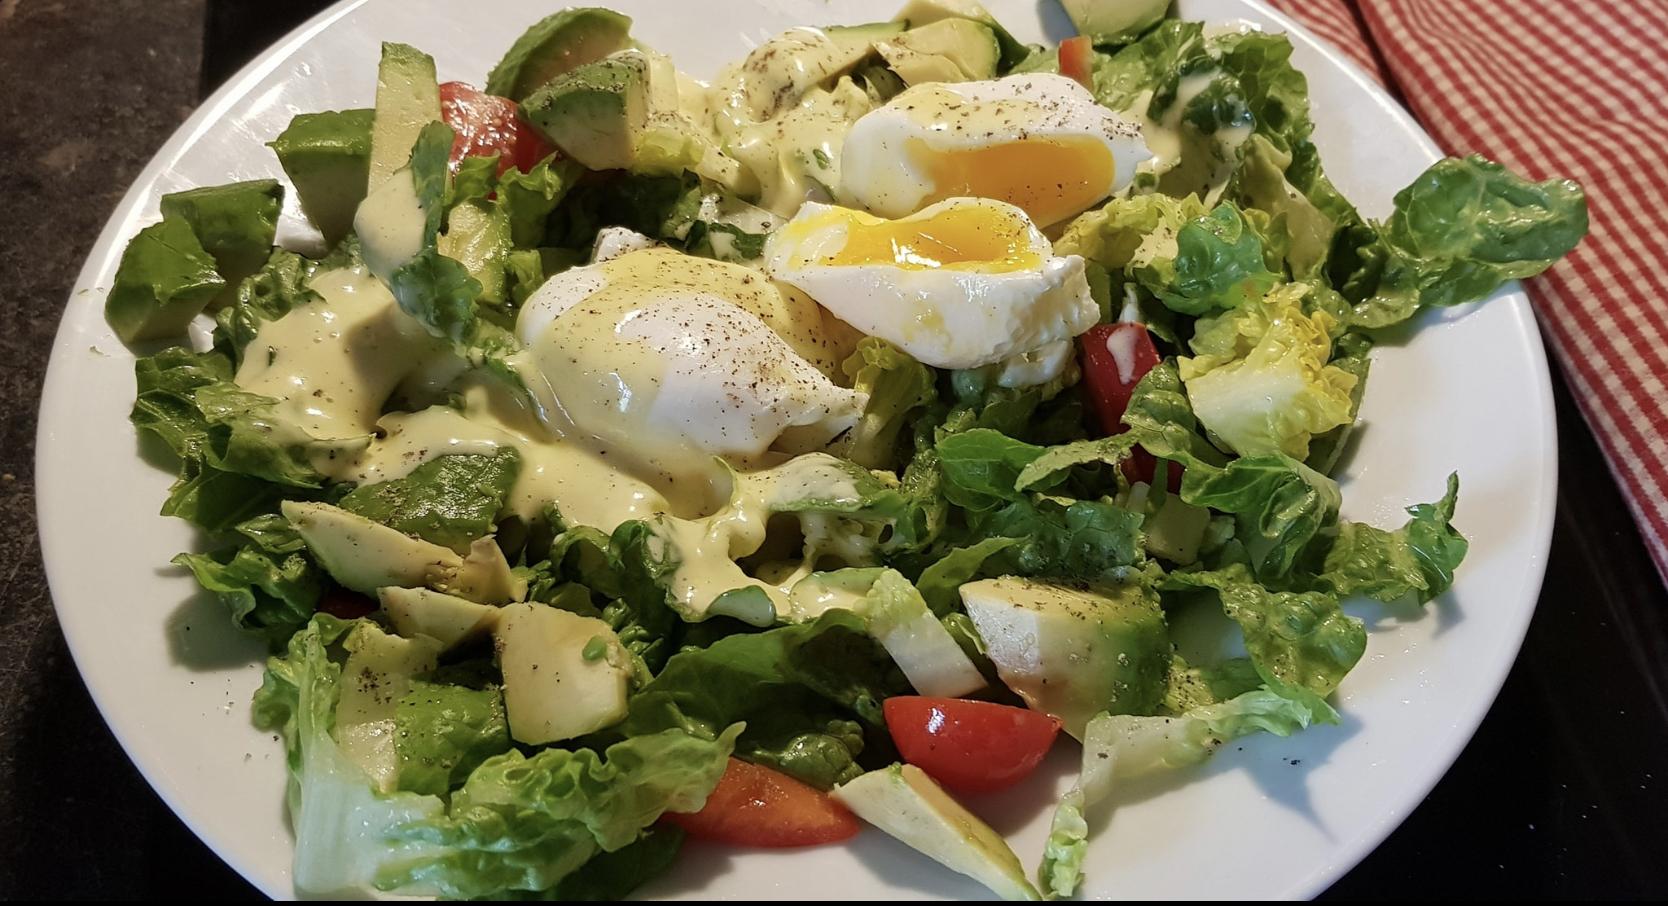 gemischter Salat mit pochiertem Ei und Mayonnaisedressing